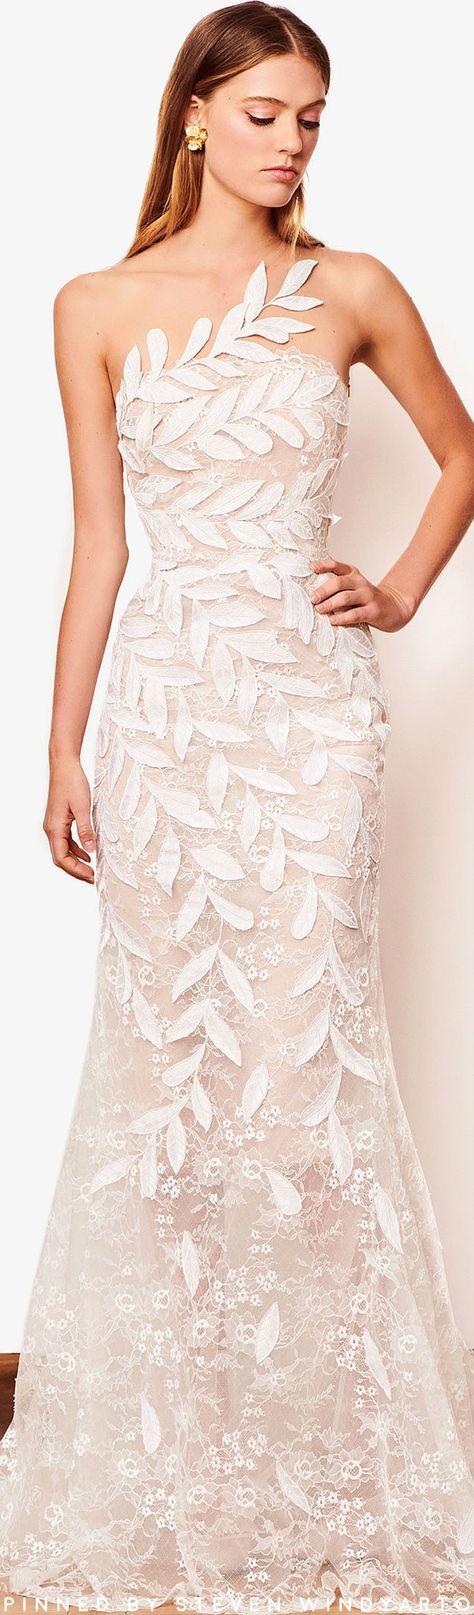 9f47a215c1da64 Oscar de la Renta Bridal Fall 2018 Fashion Show | Платья | Wedding ...